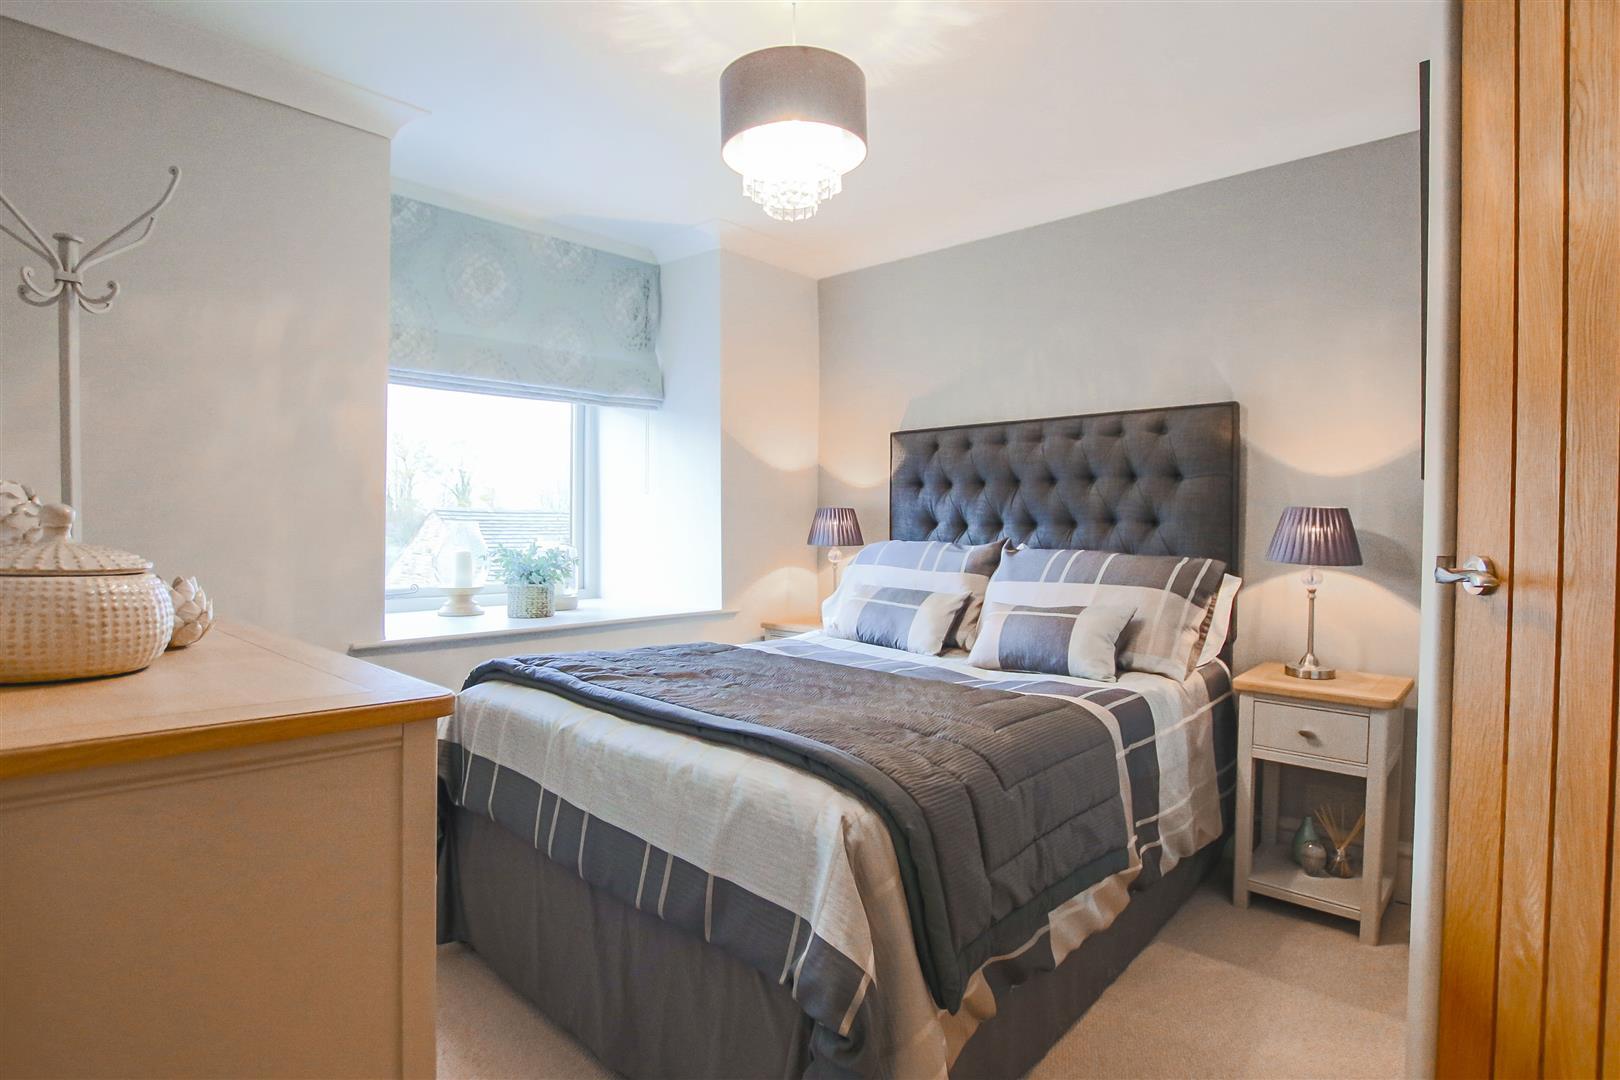 3 Bedroom Cottage For Sale - Bedroom 2